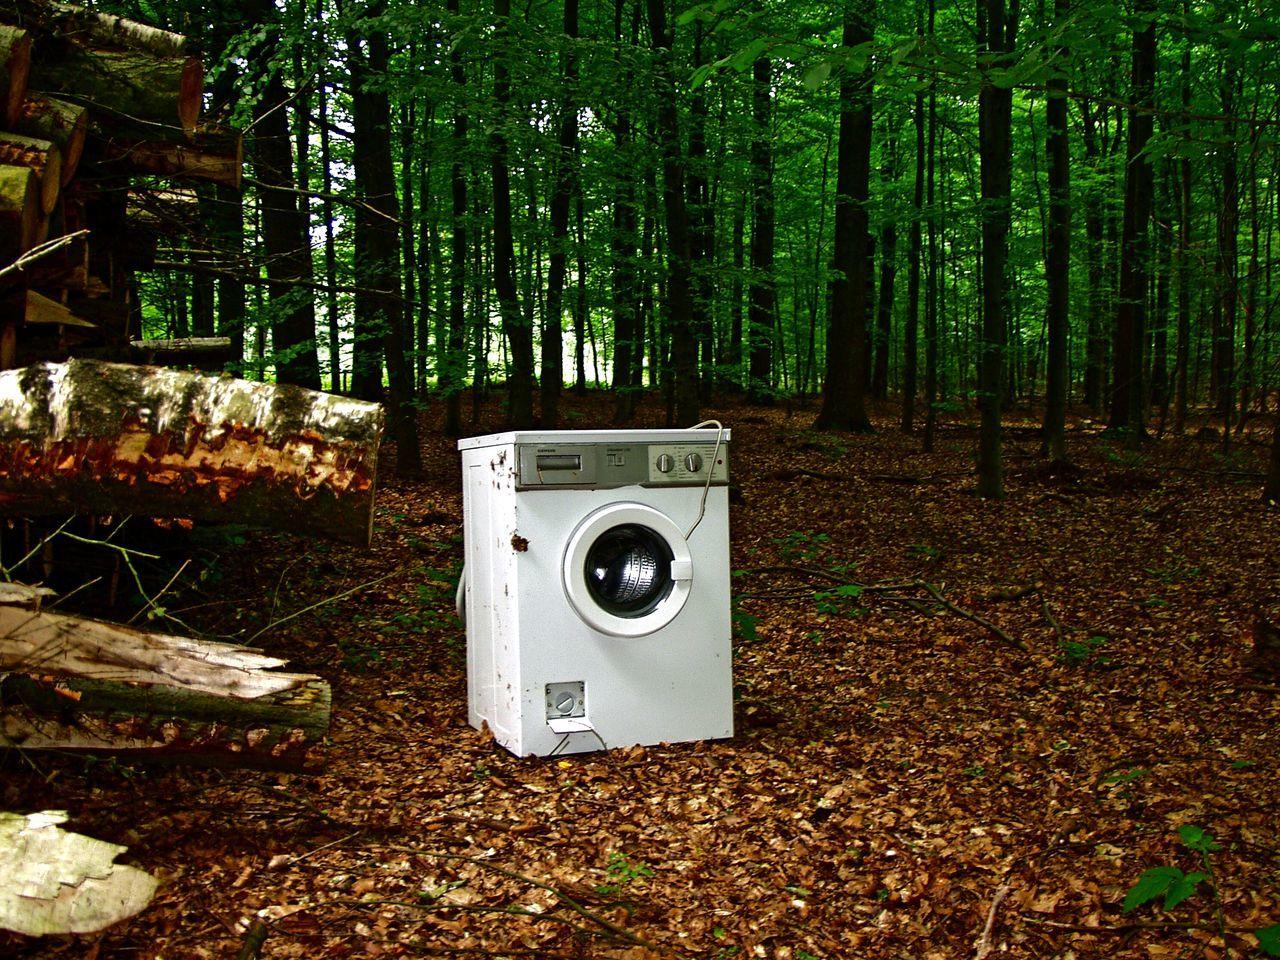 Defekte Waschmaschine wurde im Wald entsorgt Abgestellt Abgestellte Abstellen Blätter Defekt Entsorgt Forest Geworfen Herbst In Die Landschaft Kaputt Müll Müllentsorgung Müllkippe Tree Umwelt Umweltschutz Umweltsünden Umweltverschmutzung Wald Waldweg Waschmaschine Weggeworfen Werfen Wilde Kippe